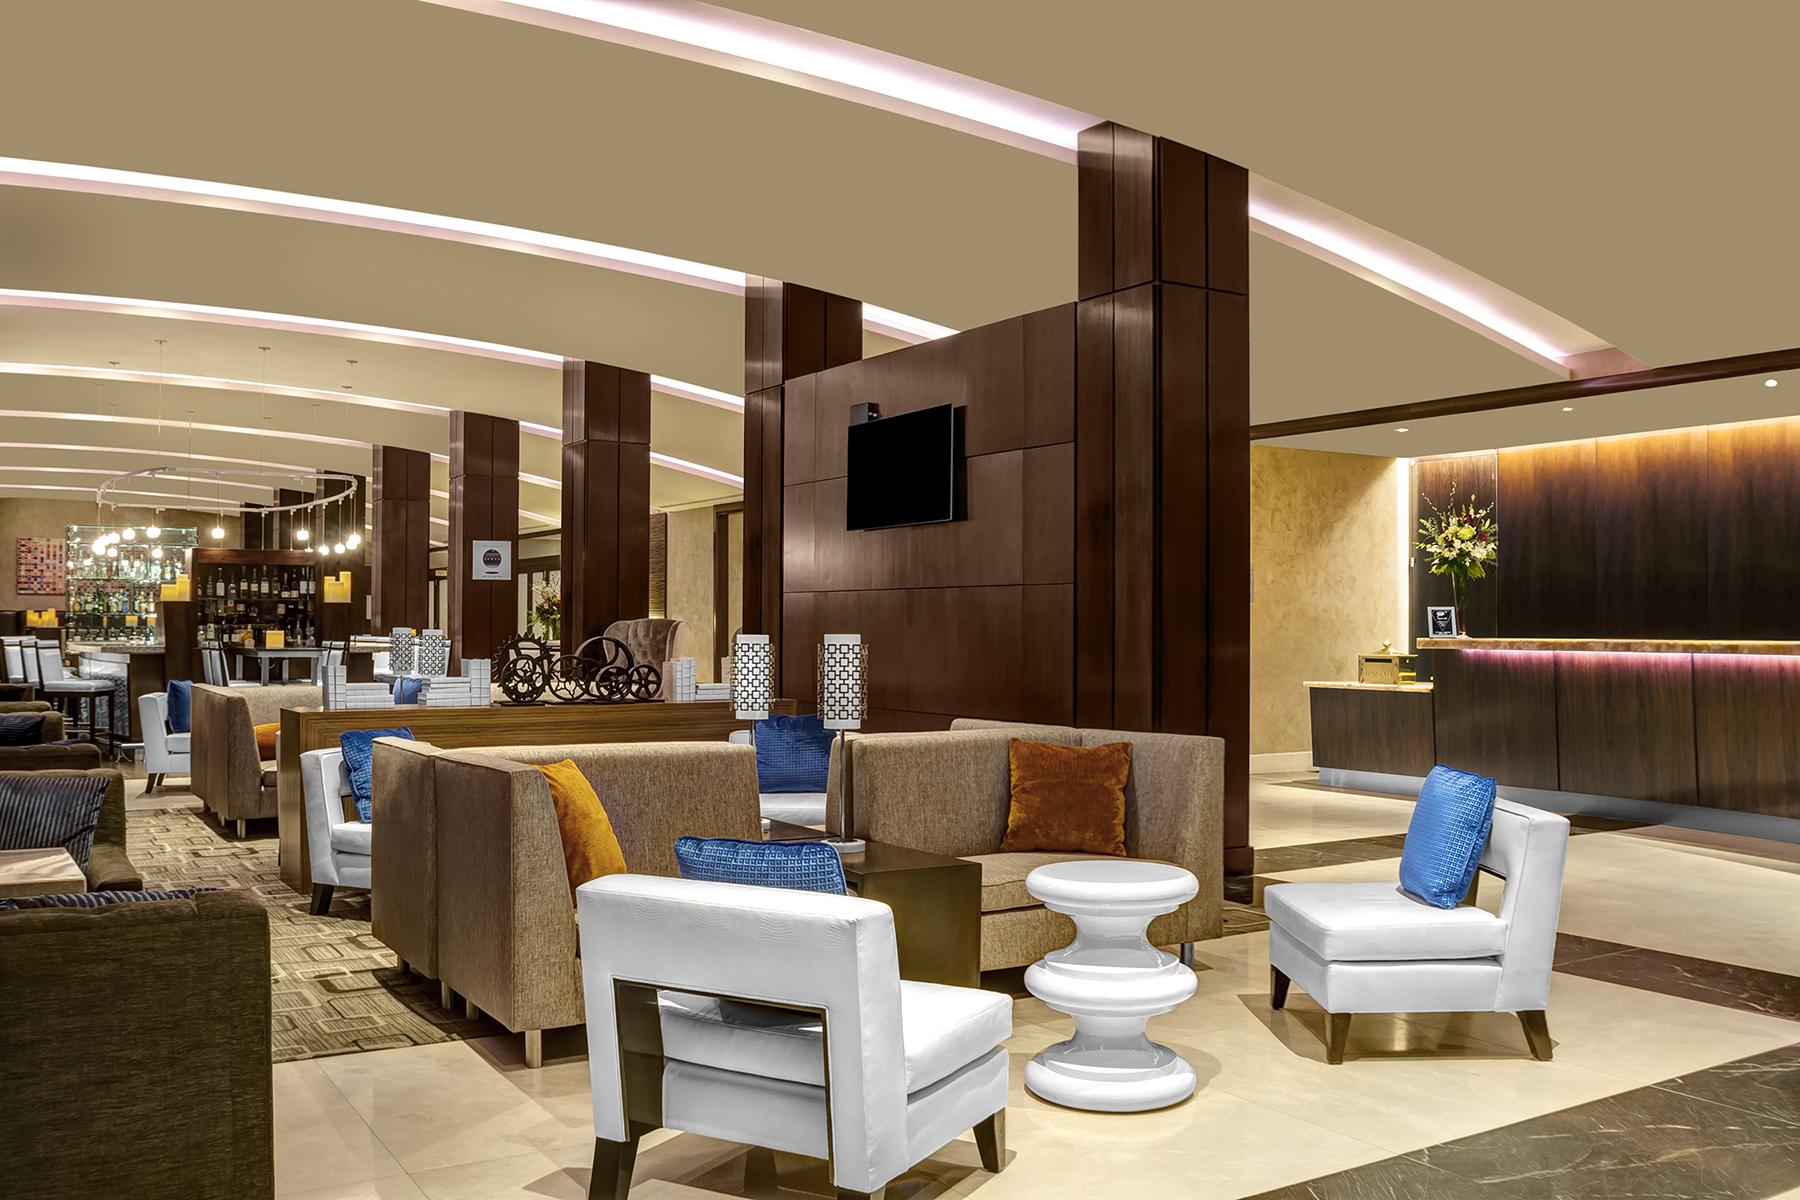 hilton-times-square-lobby